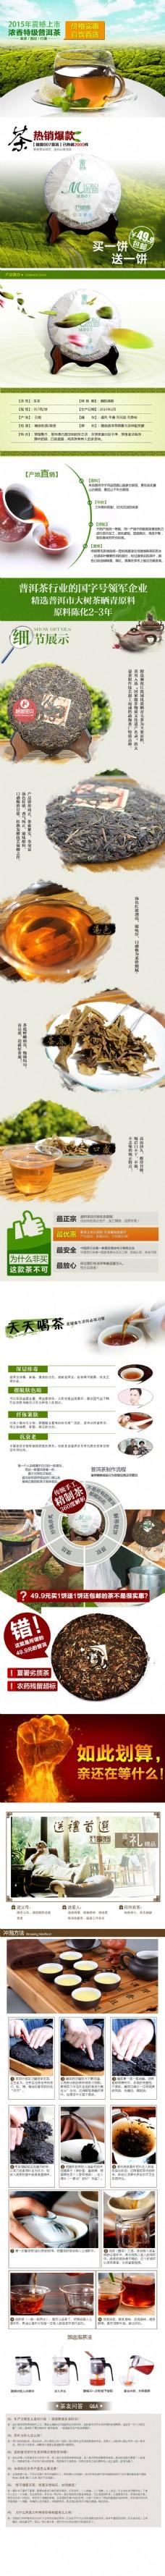 茶葉詳情頁ideapie (94)